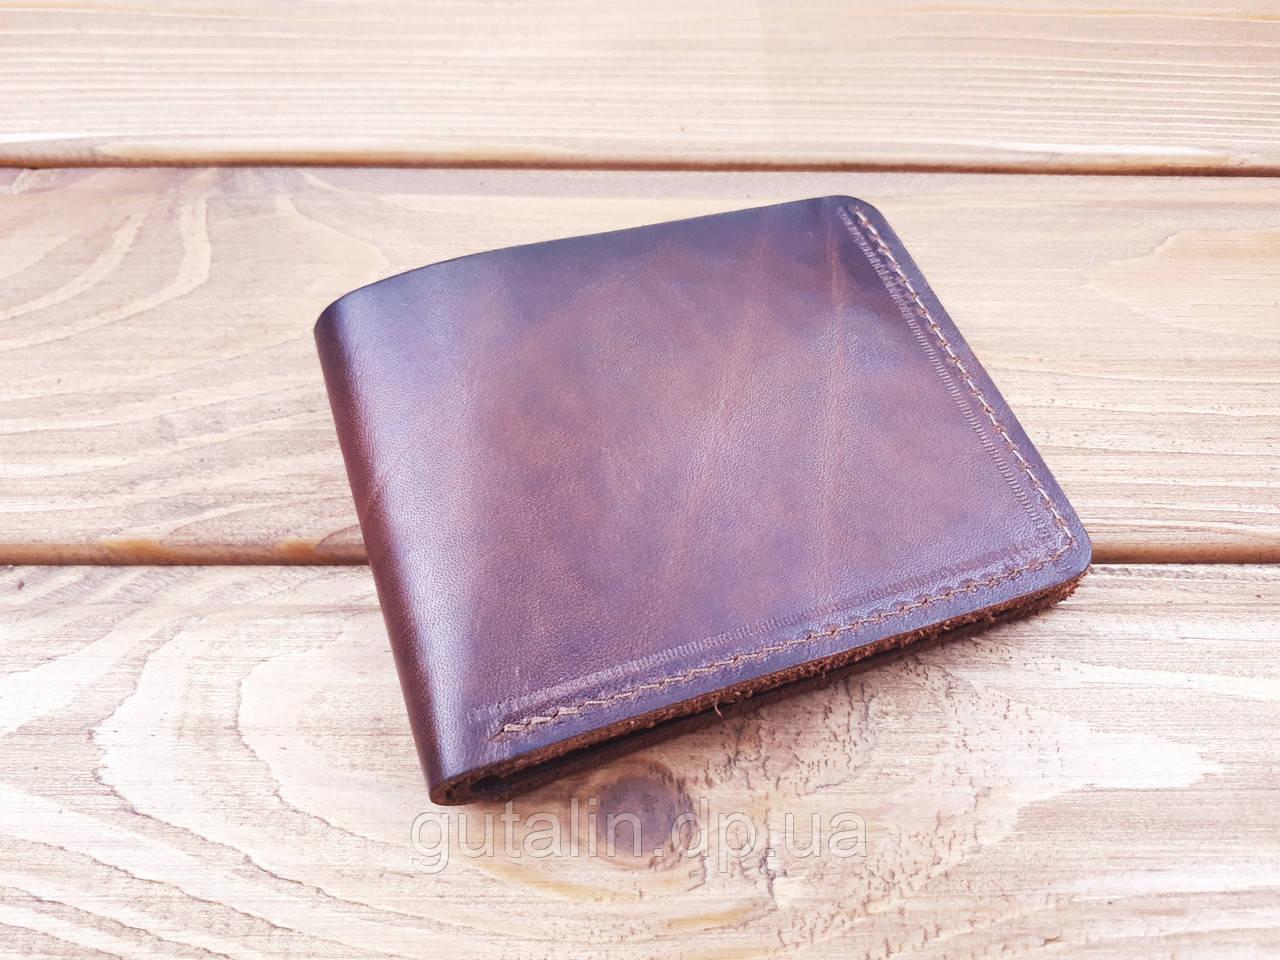 3371e87f52d3 Мужское портмоне из натуральной кожи ручной работы Италия цвет коричневый -  Магазин и мастерская